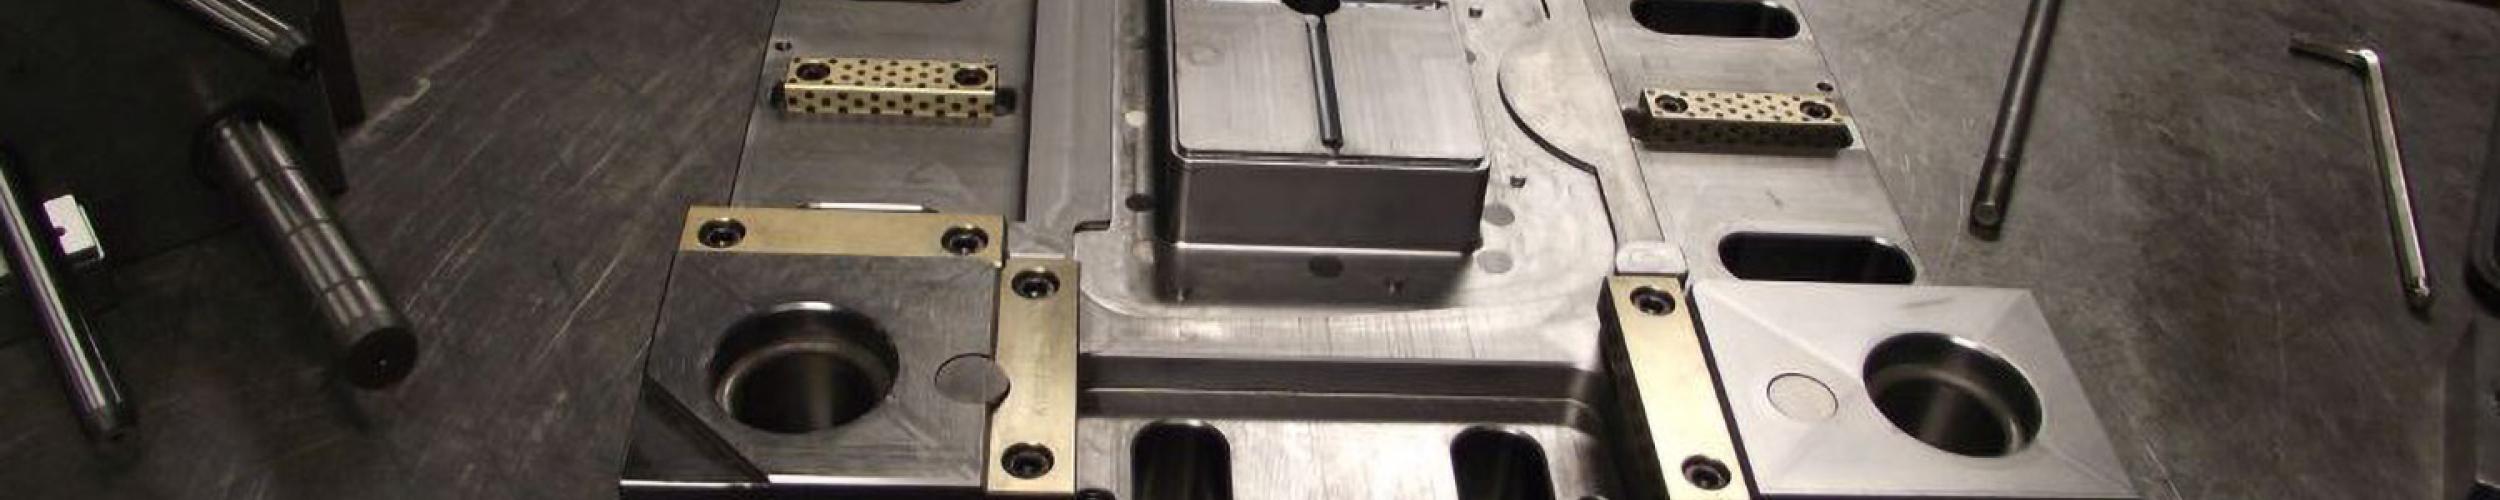 Case Study: Matrijzenbouwer Kavia Tooling draait meerdere CNC programma's tegelijk door ze samen te voegen tot één enkele file